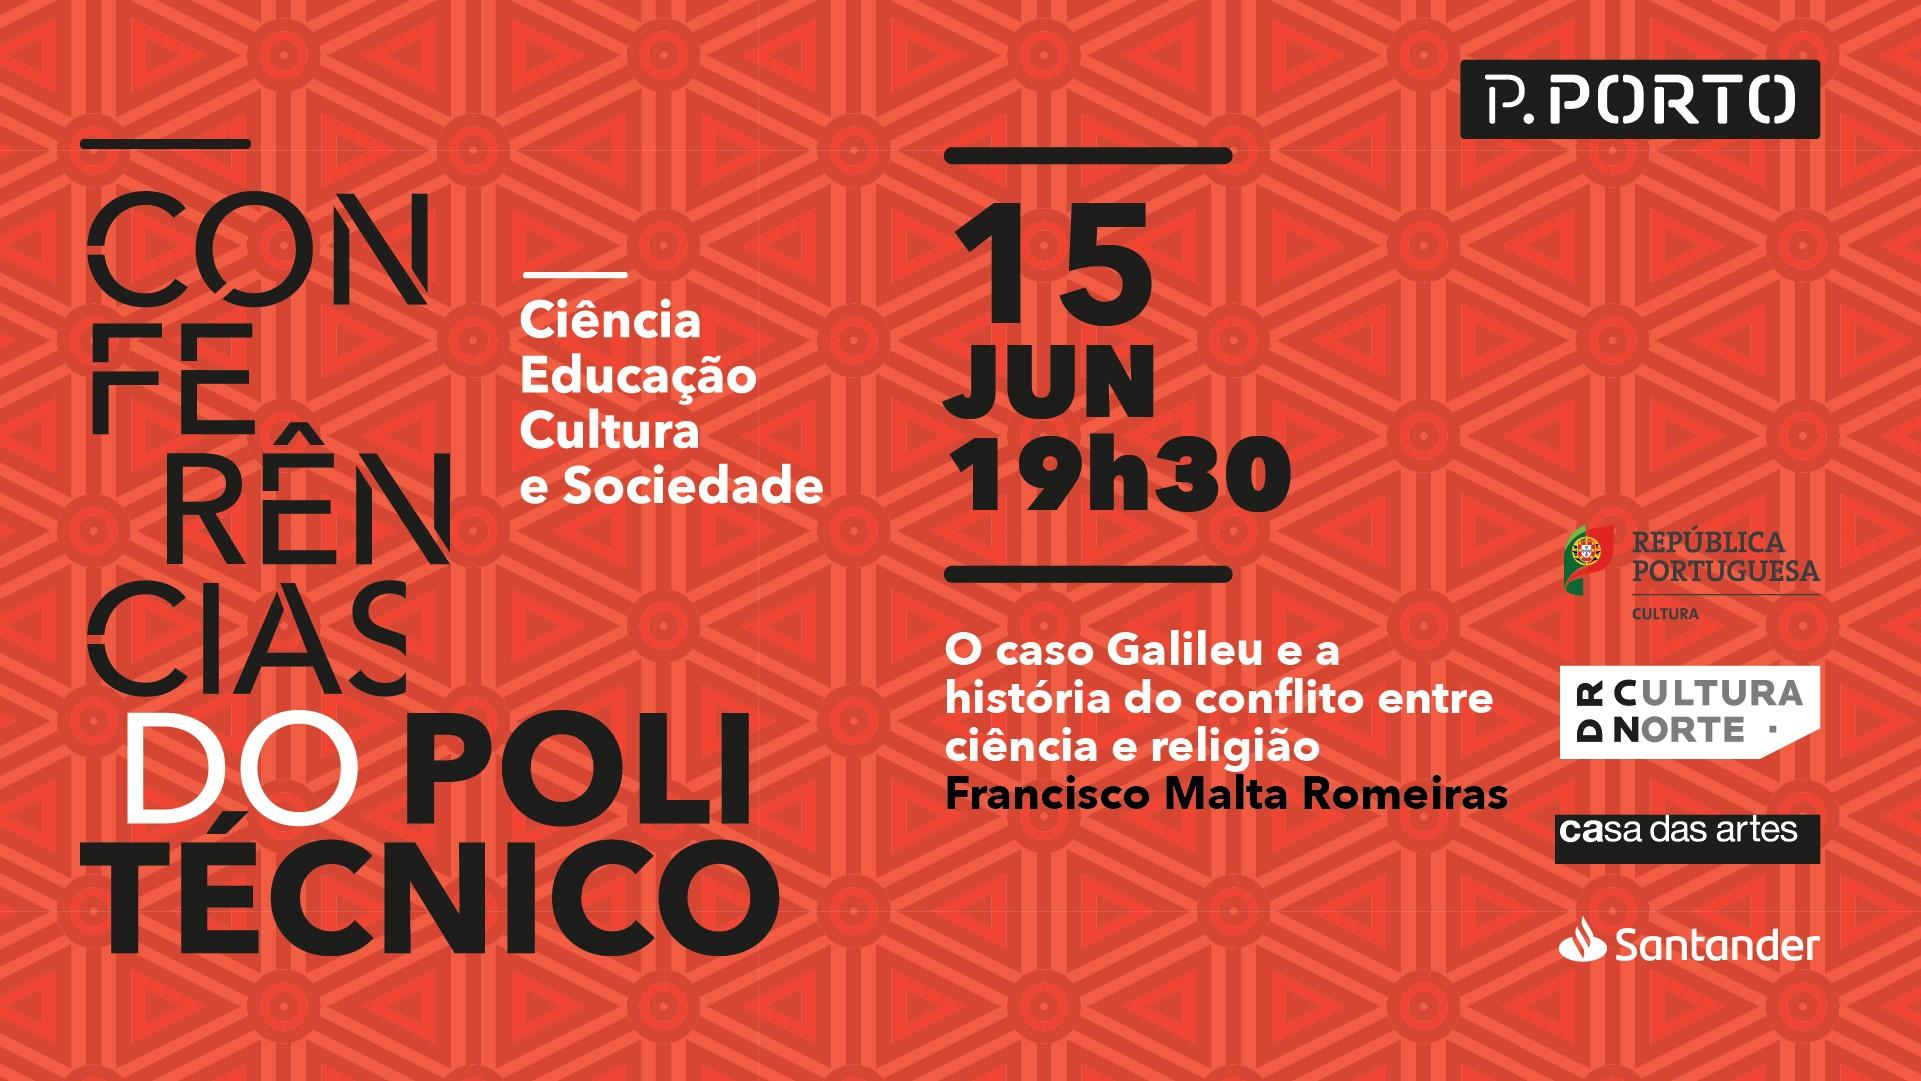 Conferências do Politécnico - com Francisco Malta Romeiras